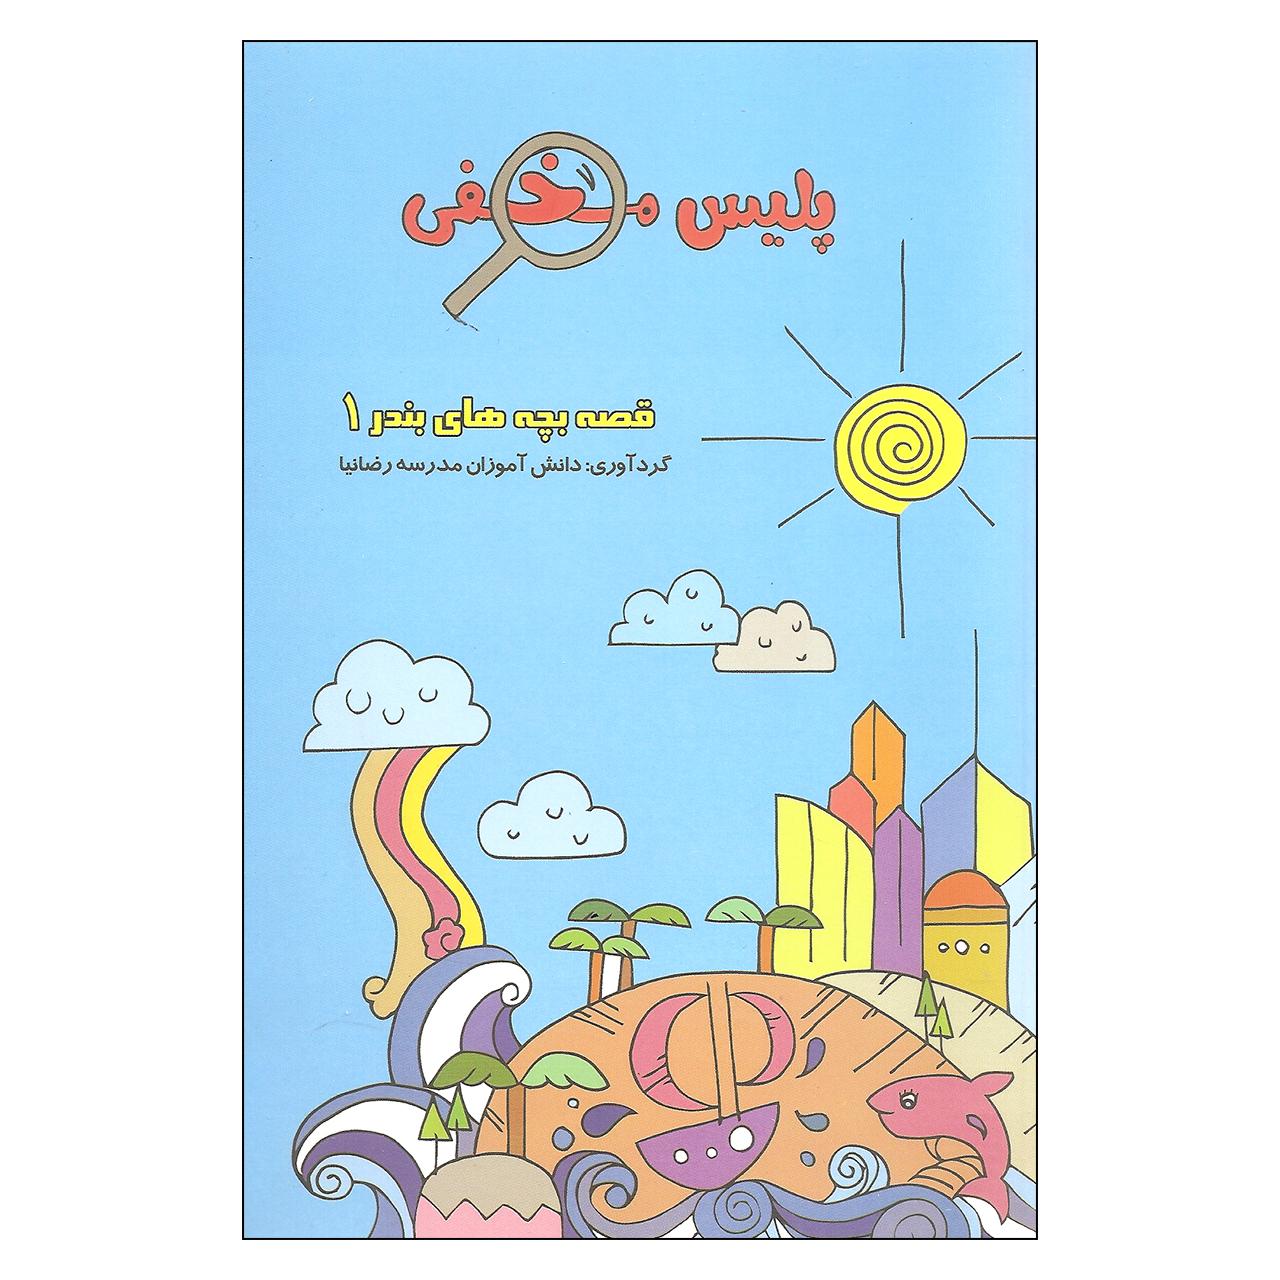 کتاب پلیس مخفی اثر دانش آموزان مدرسه رضانیا انتشارات امضا